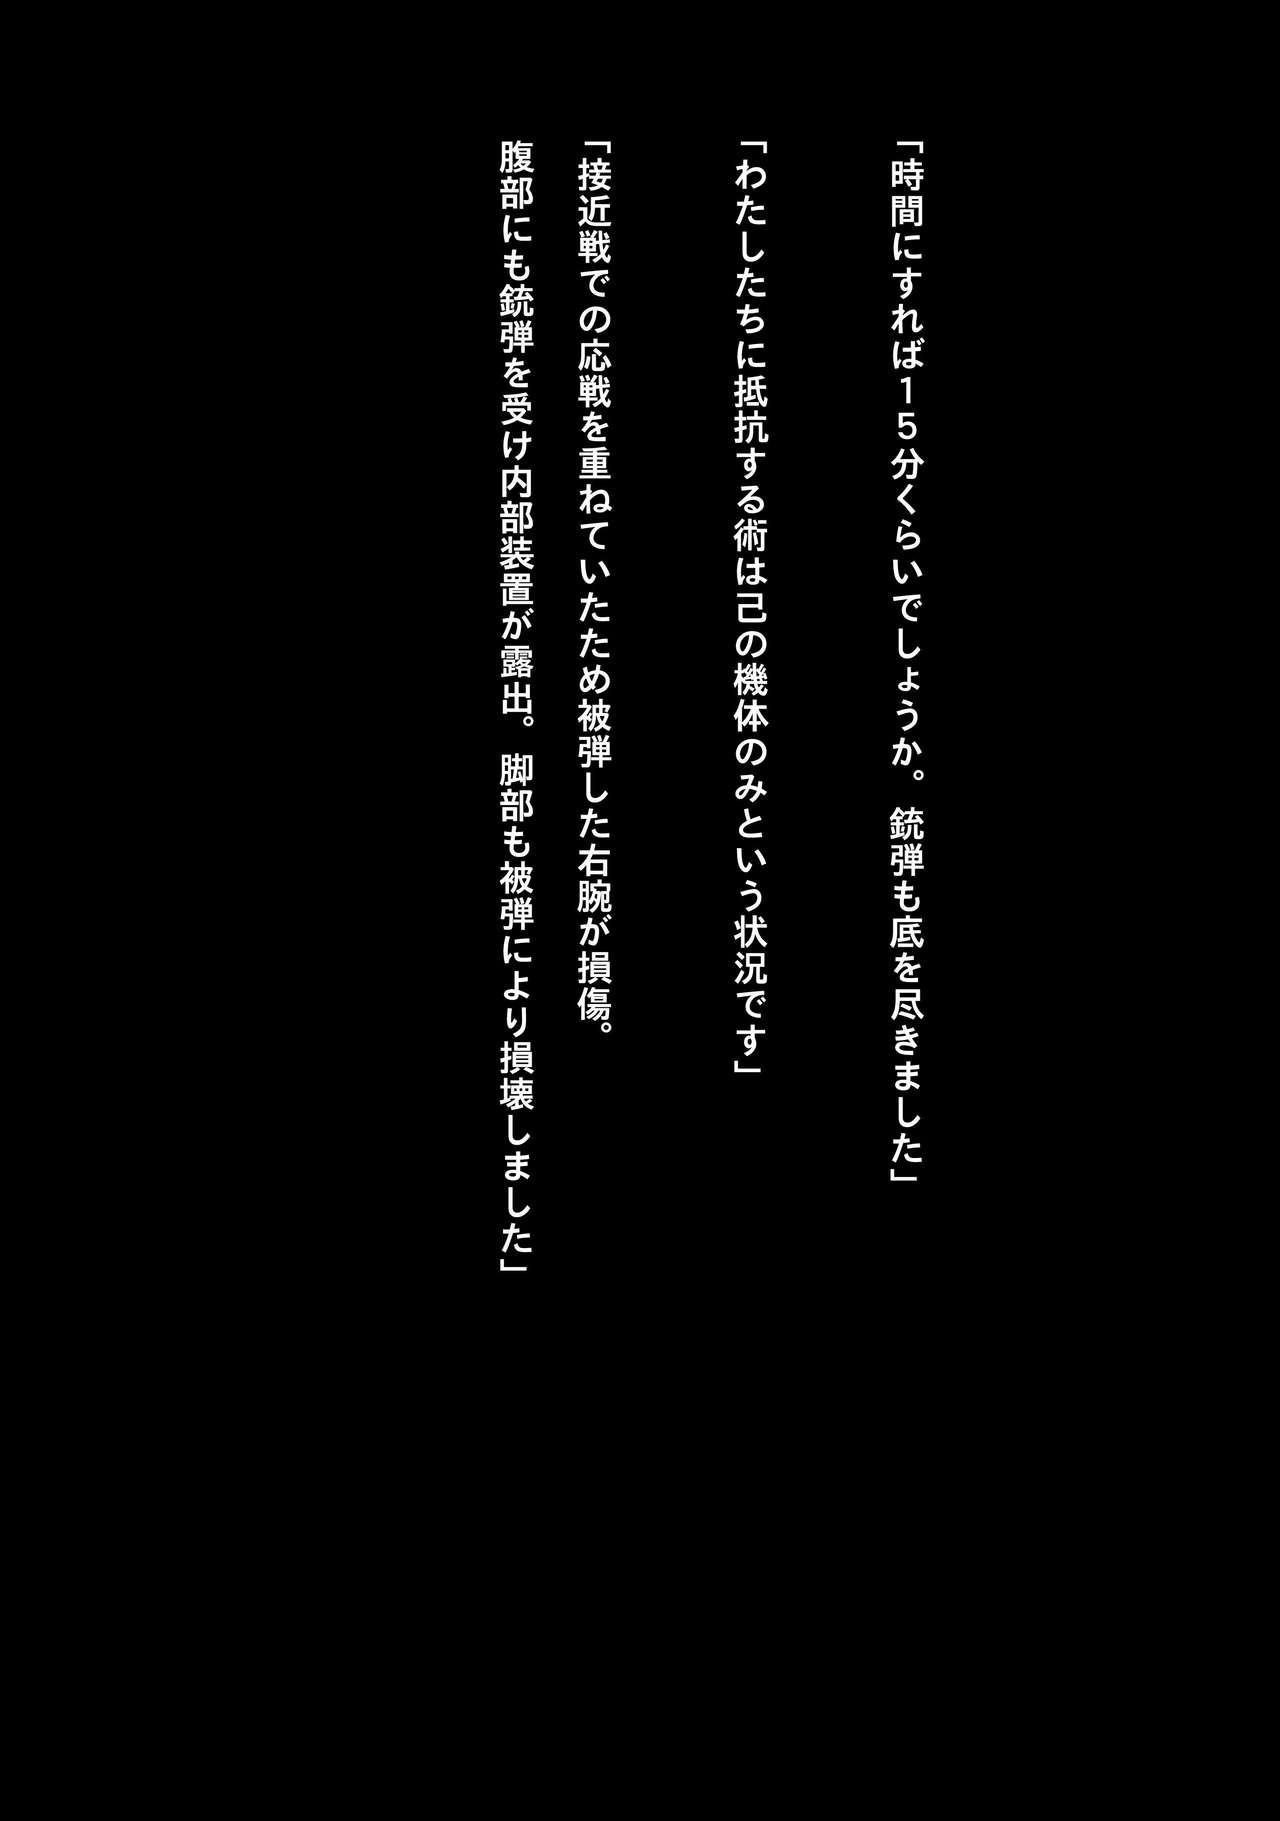 Idol Cyber Battle NEO GENERATOR episode 3 Seisan! Shi o kakugo shita shunkan 40